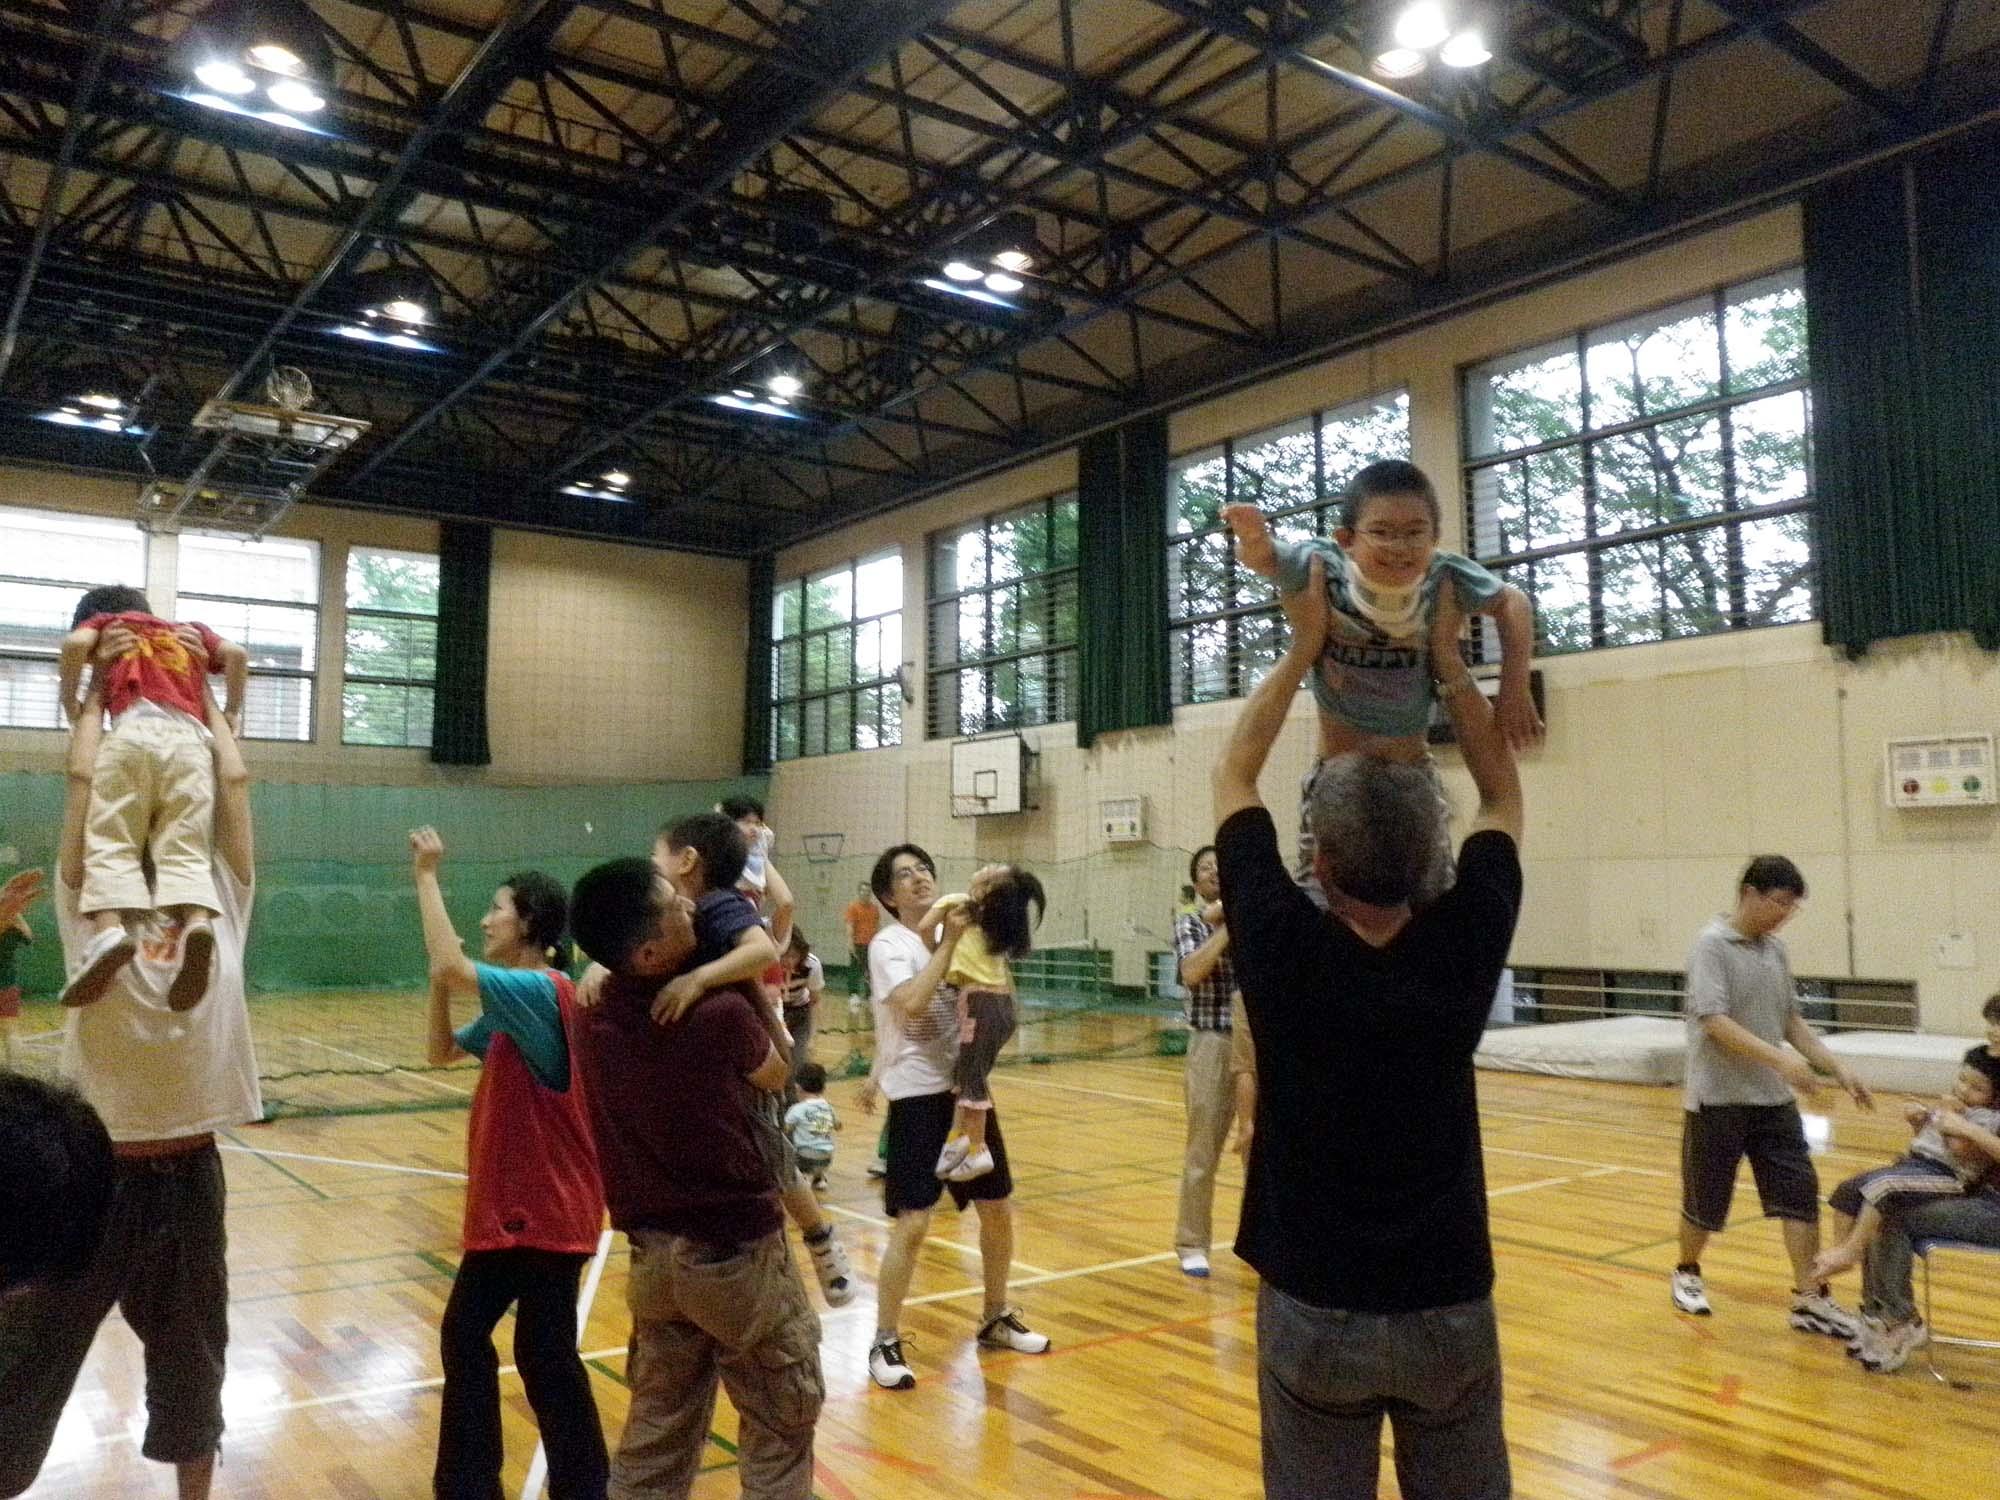 P6280257 - 親子で楽しむキッズ体操クラブ教室より ・・・親子で楽しんでいます。